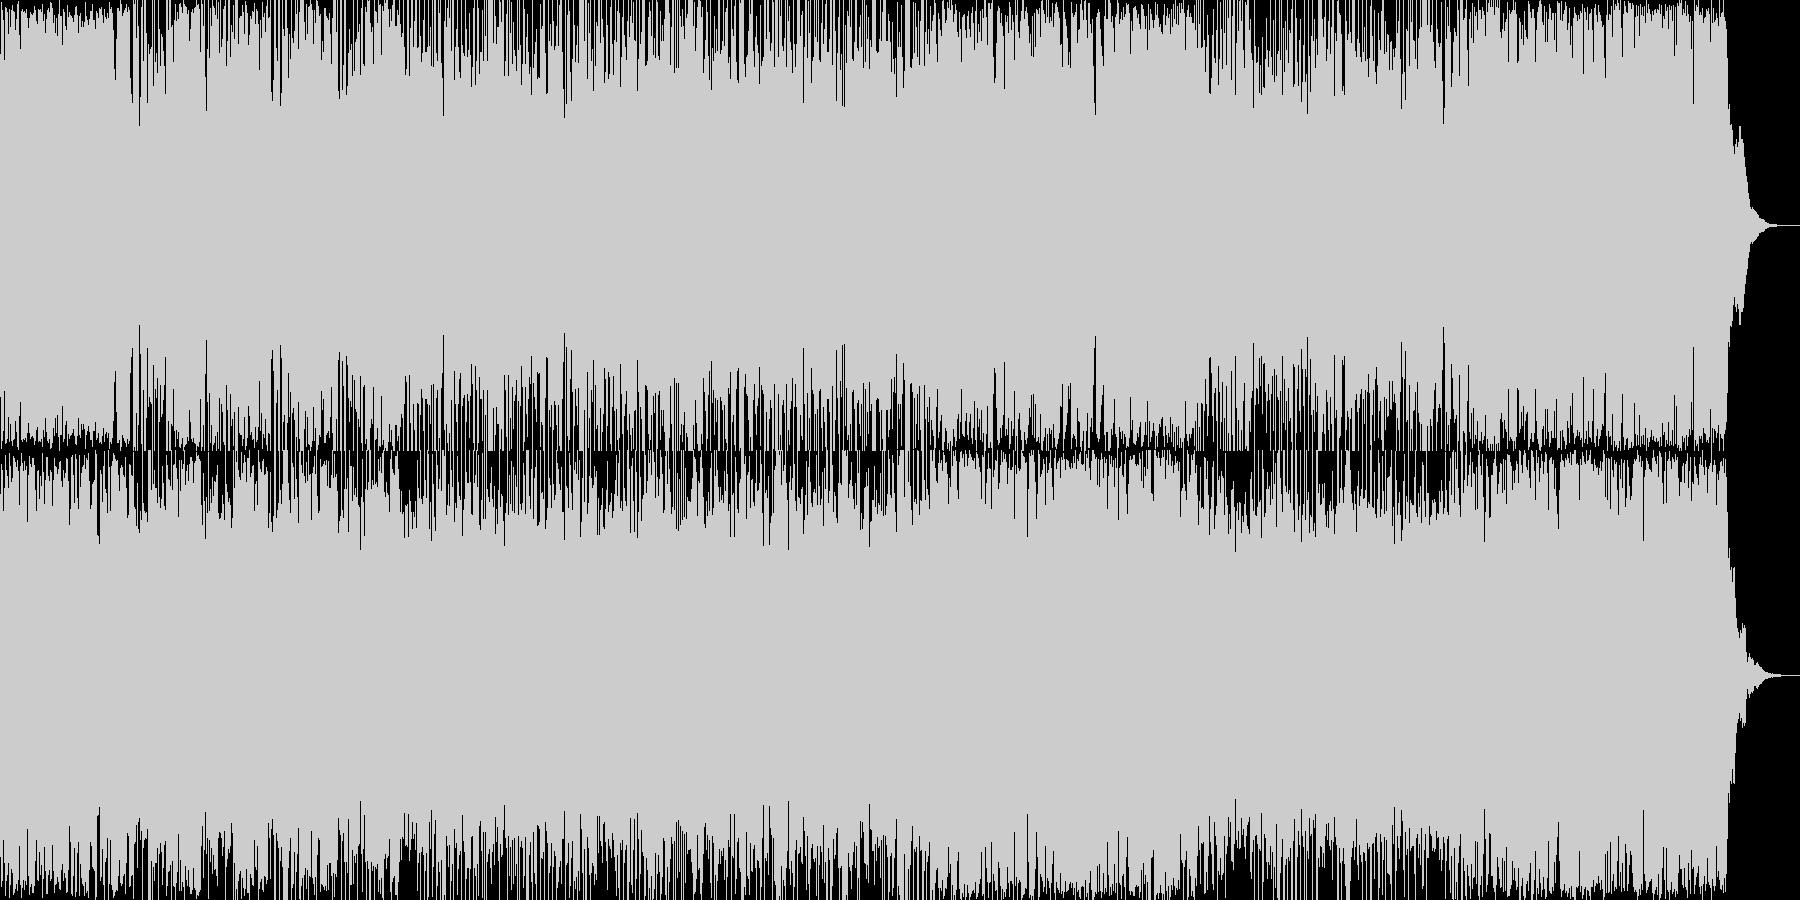 ダークでサイバーパンク的な雰囲気のテク…の未再生の波形